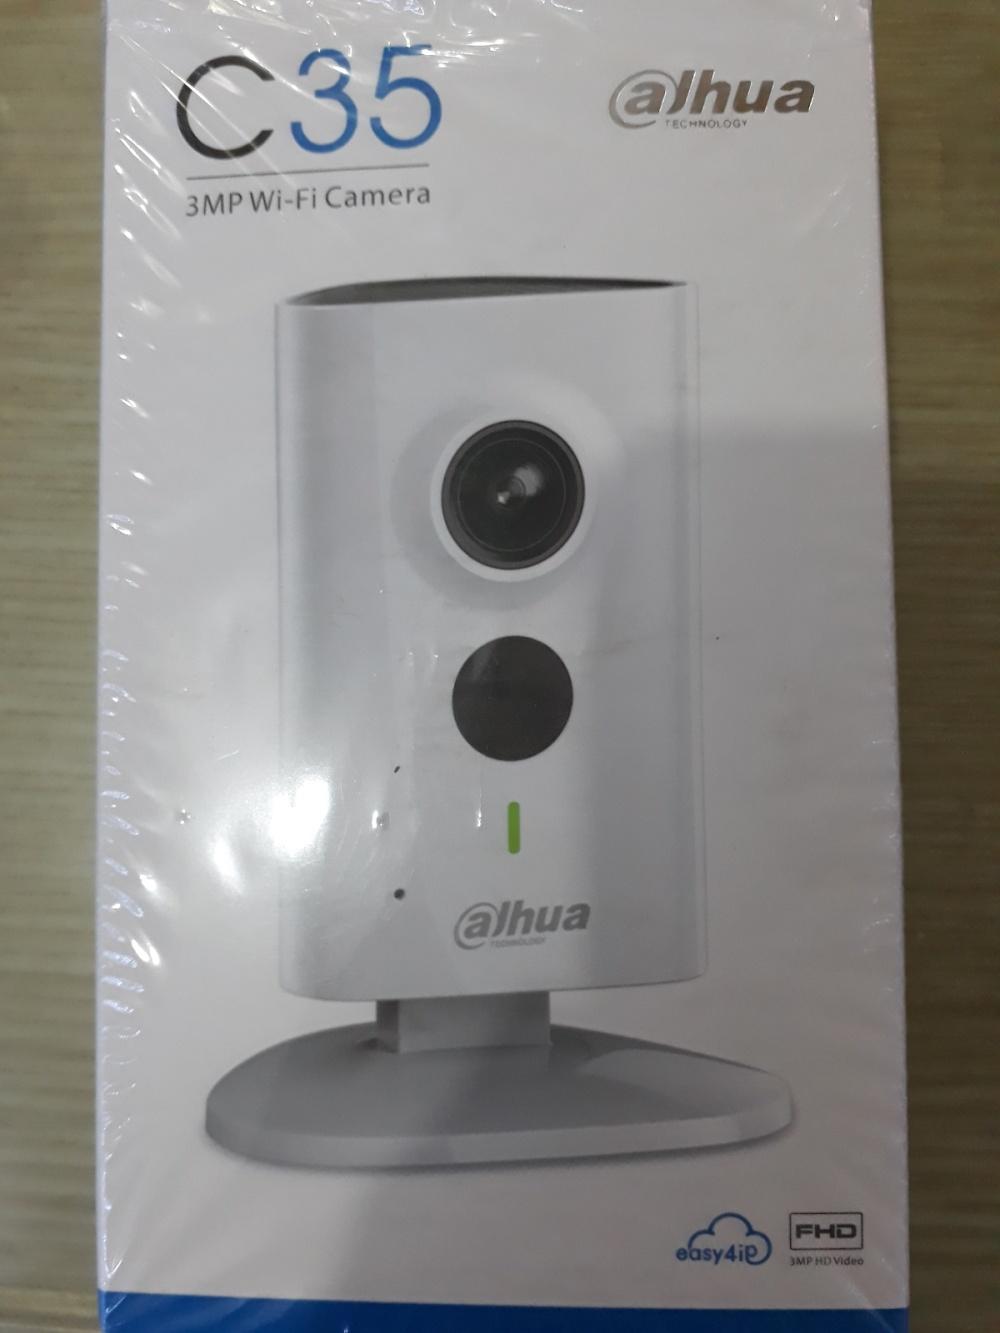 Camera Wifi Dahua C35 3MP (Màu trắng)